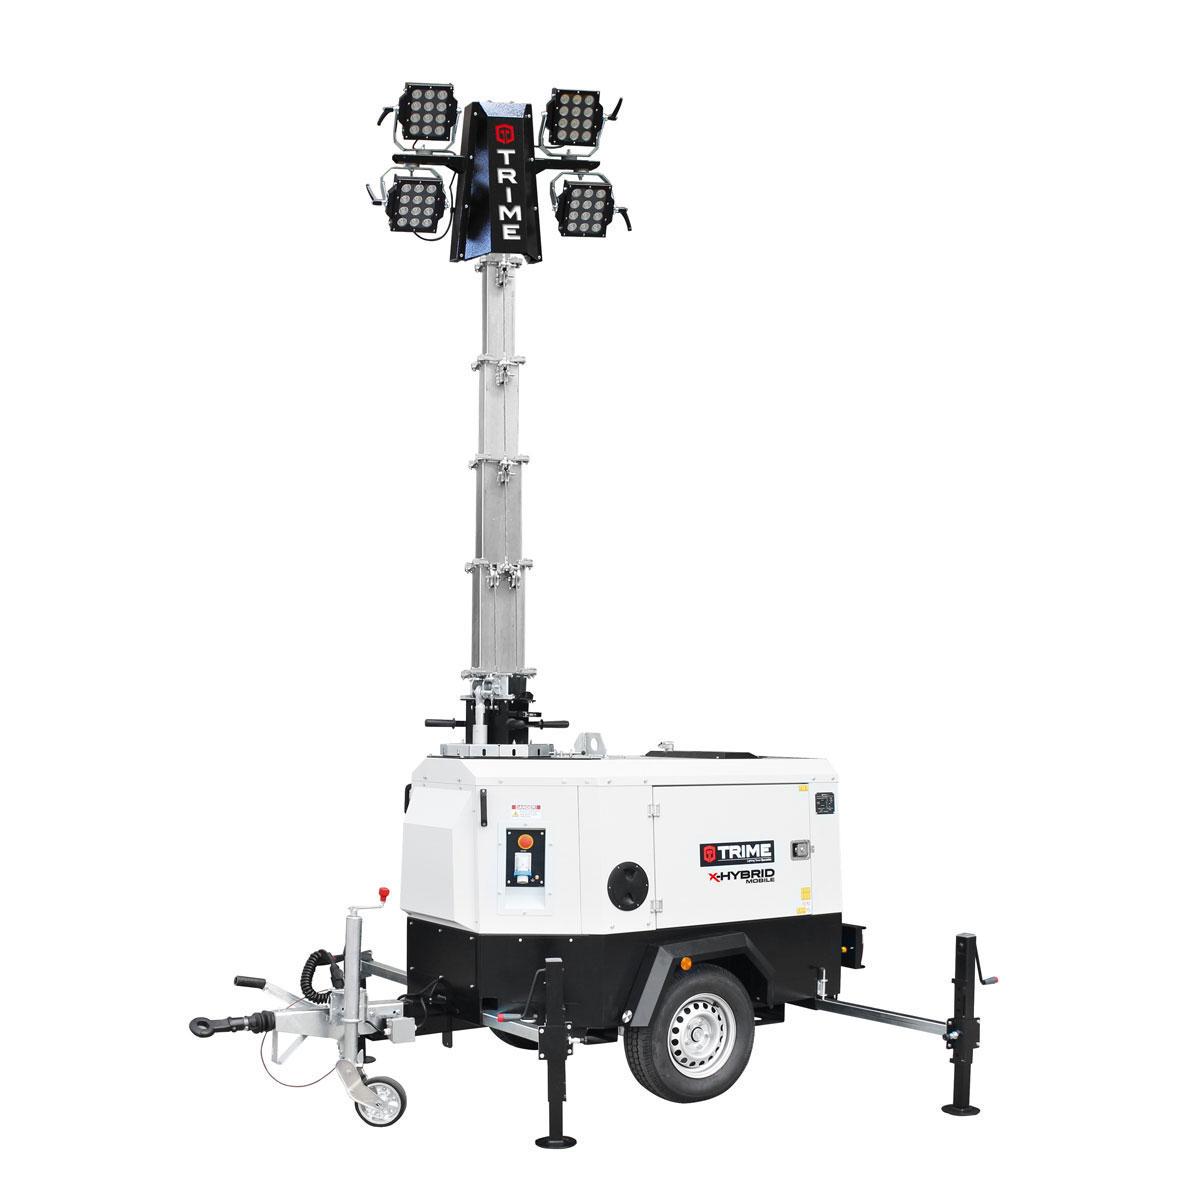 mobilais-prozektoru-masts-led-x-hybrid-4x90W